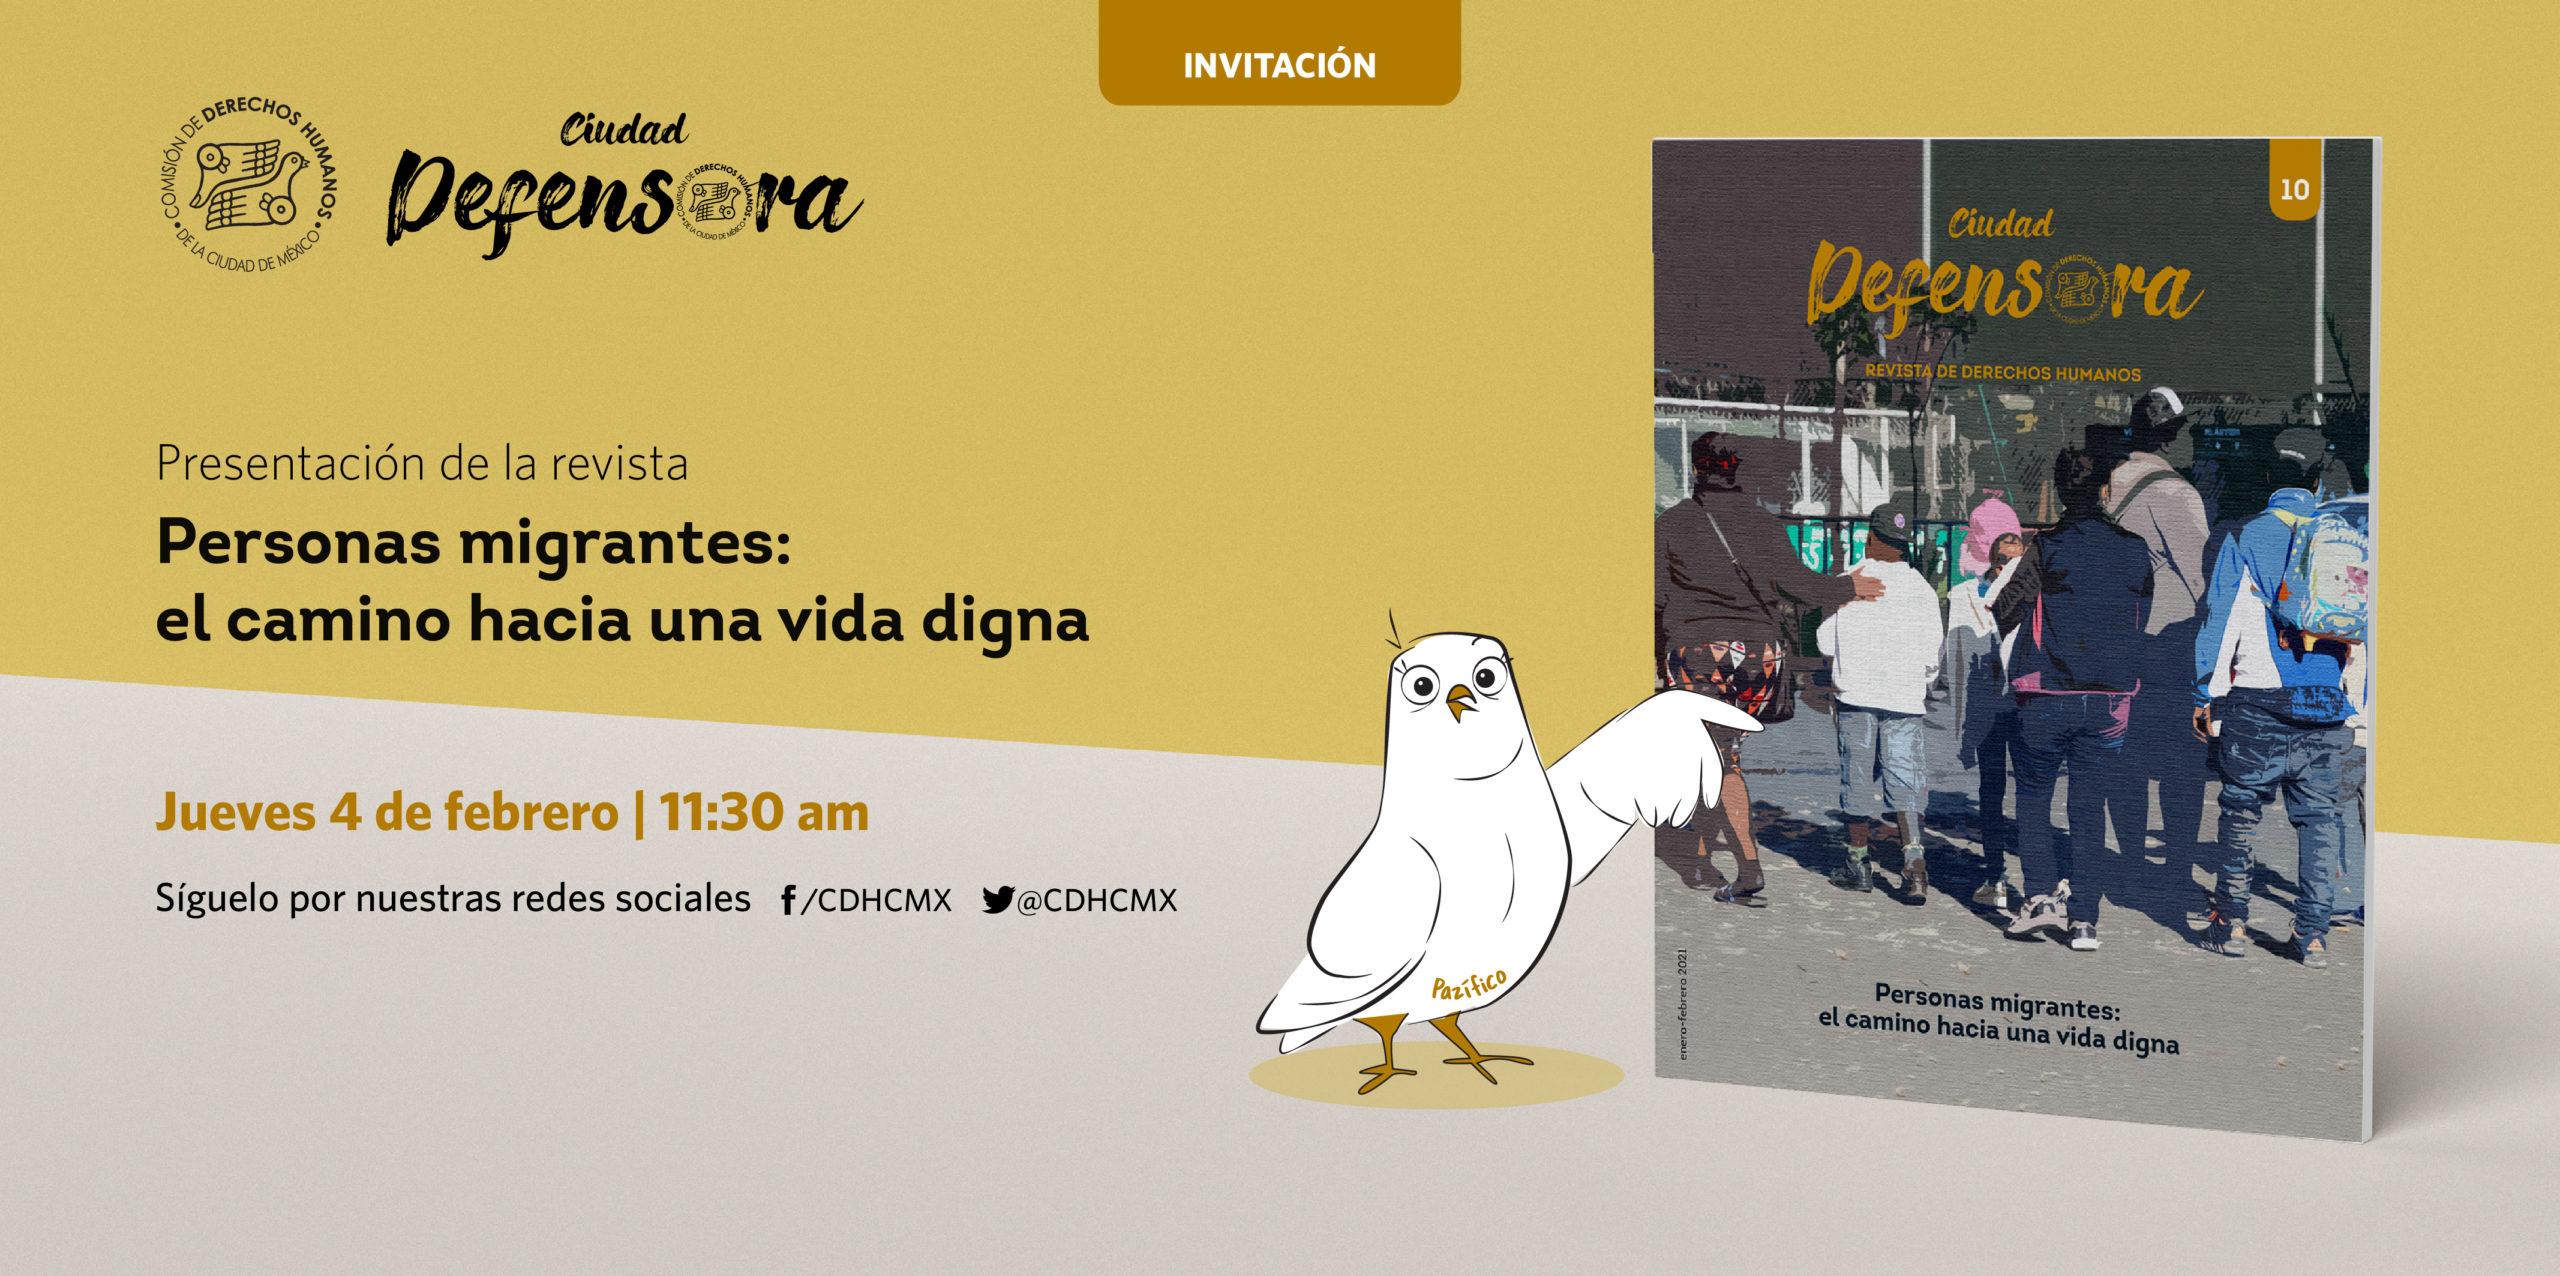 """Presentación de larevistaCiudad Defensora,dedicada en su edición número 10 a las""""Personas migrantes: el camino hacia una vida digna"""""""